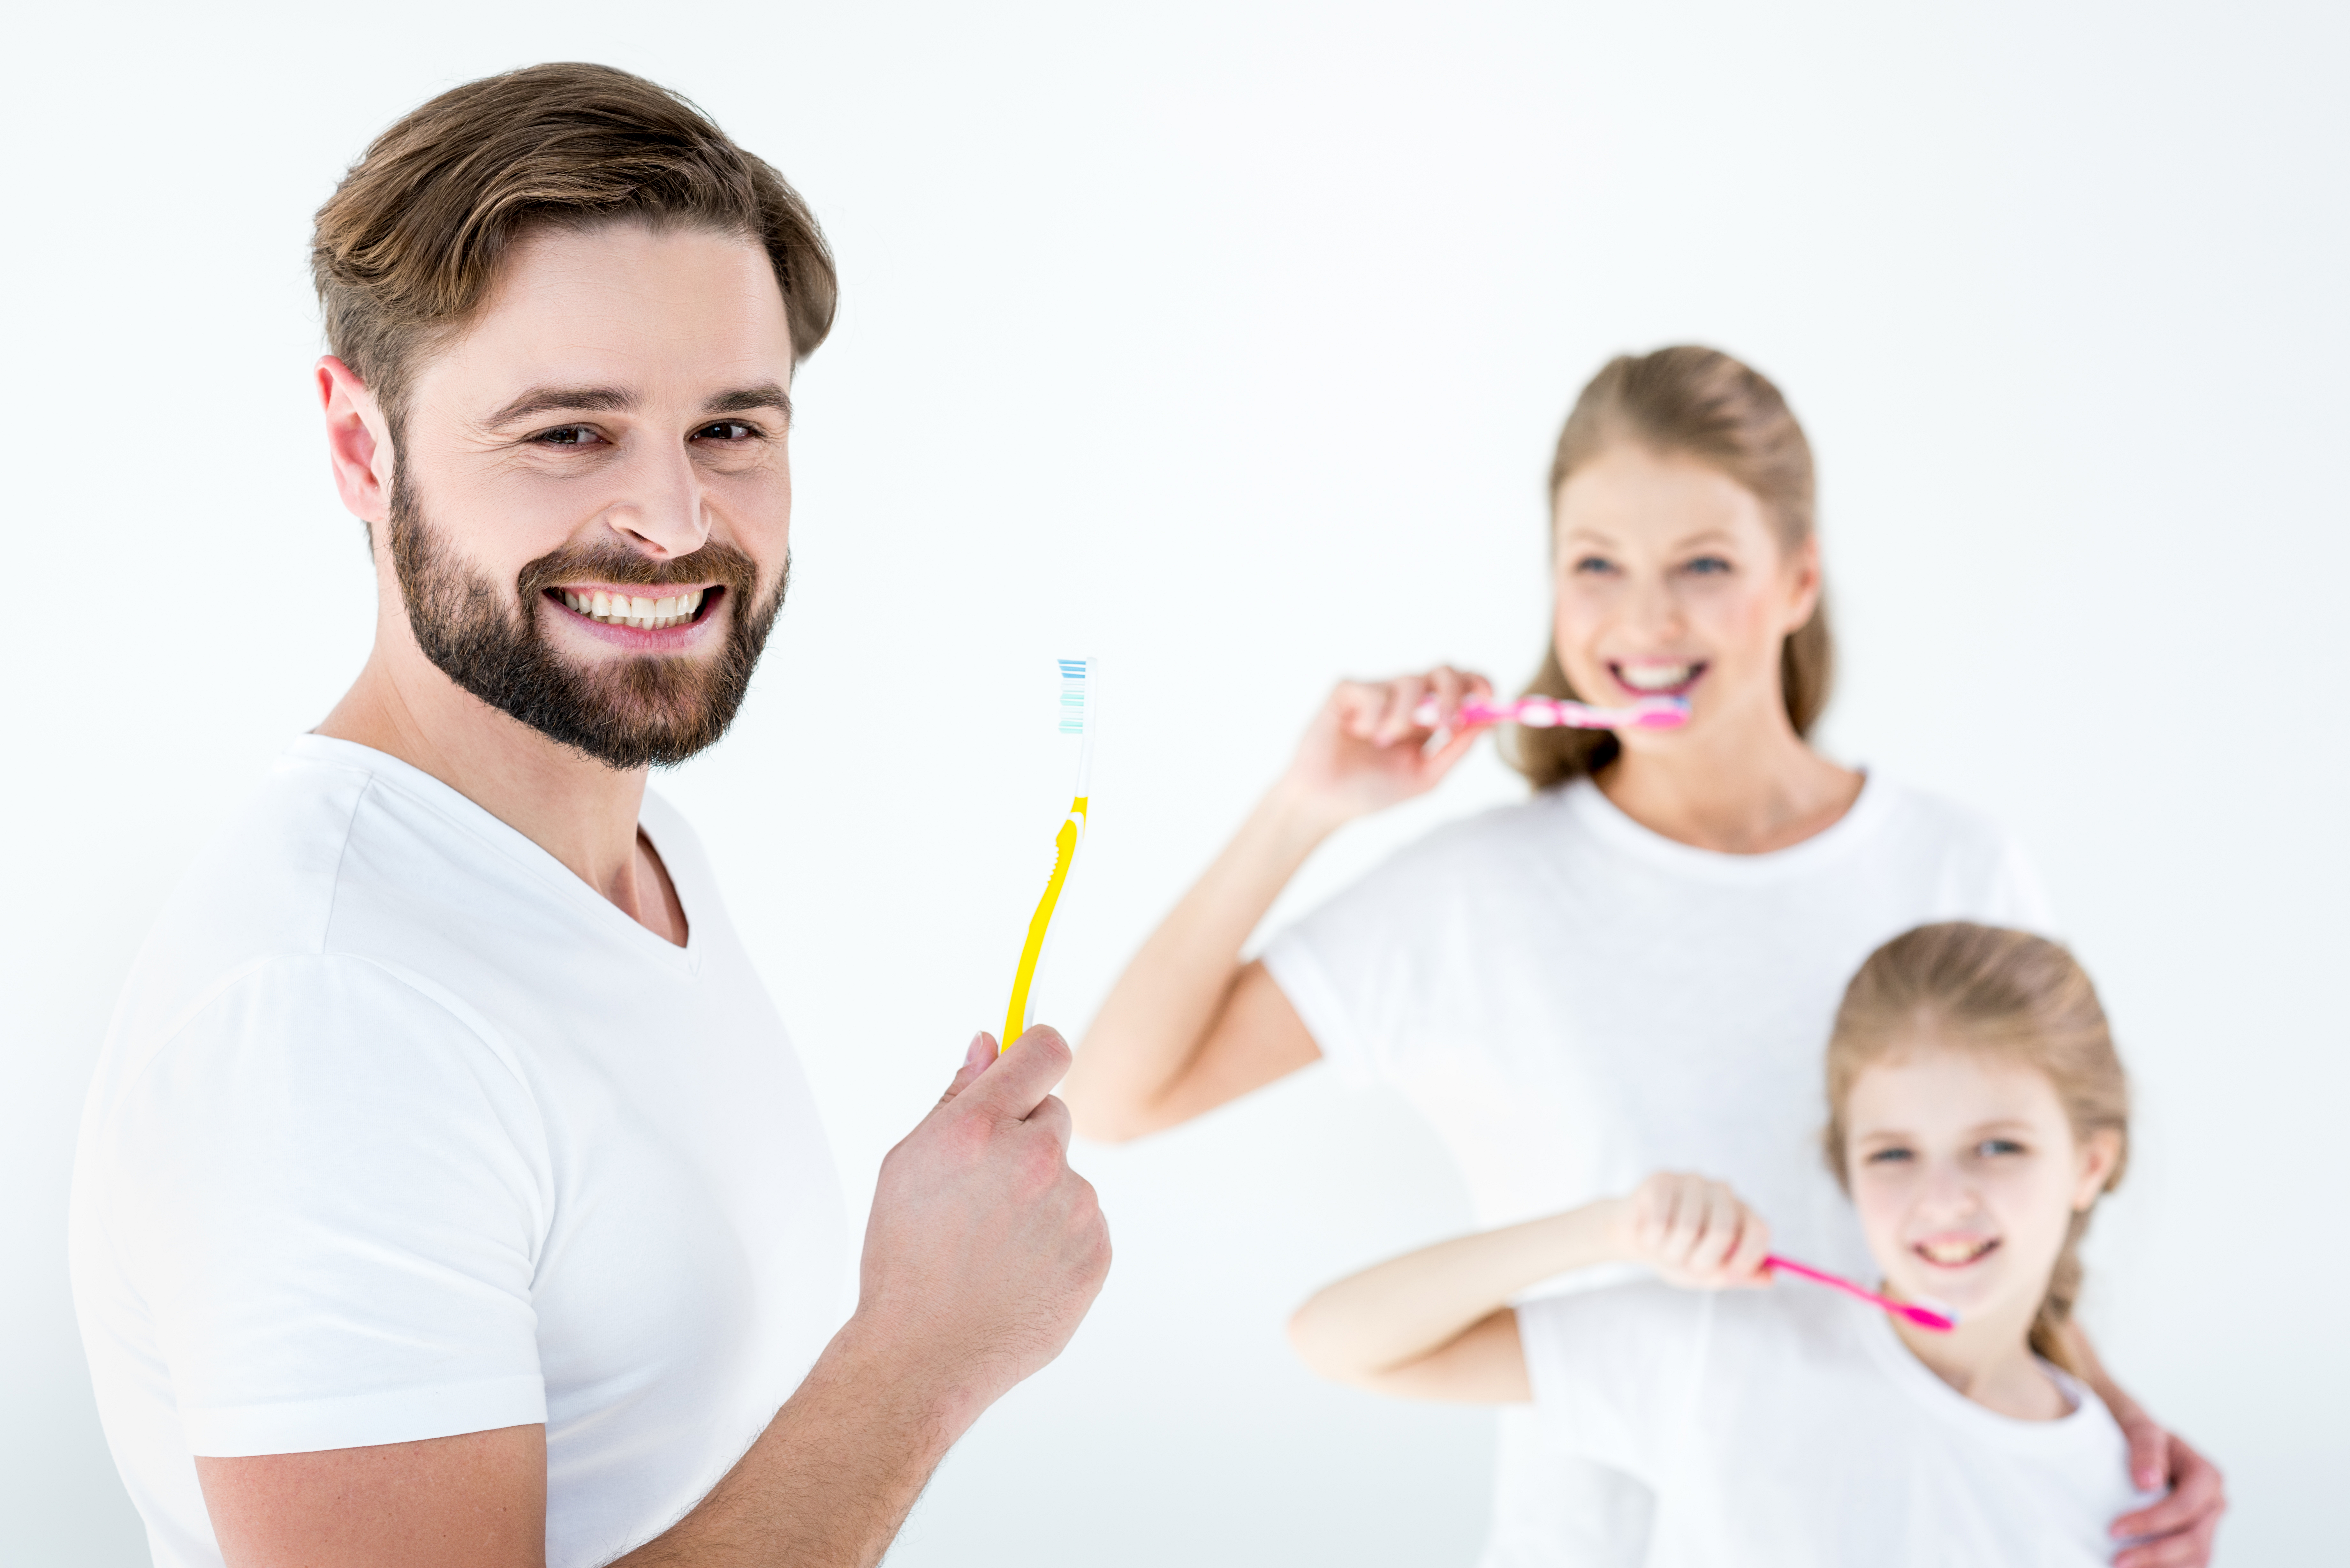 higiene oral en la prevención del Coronavirus